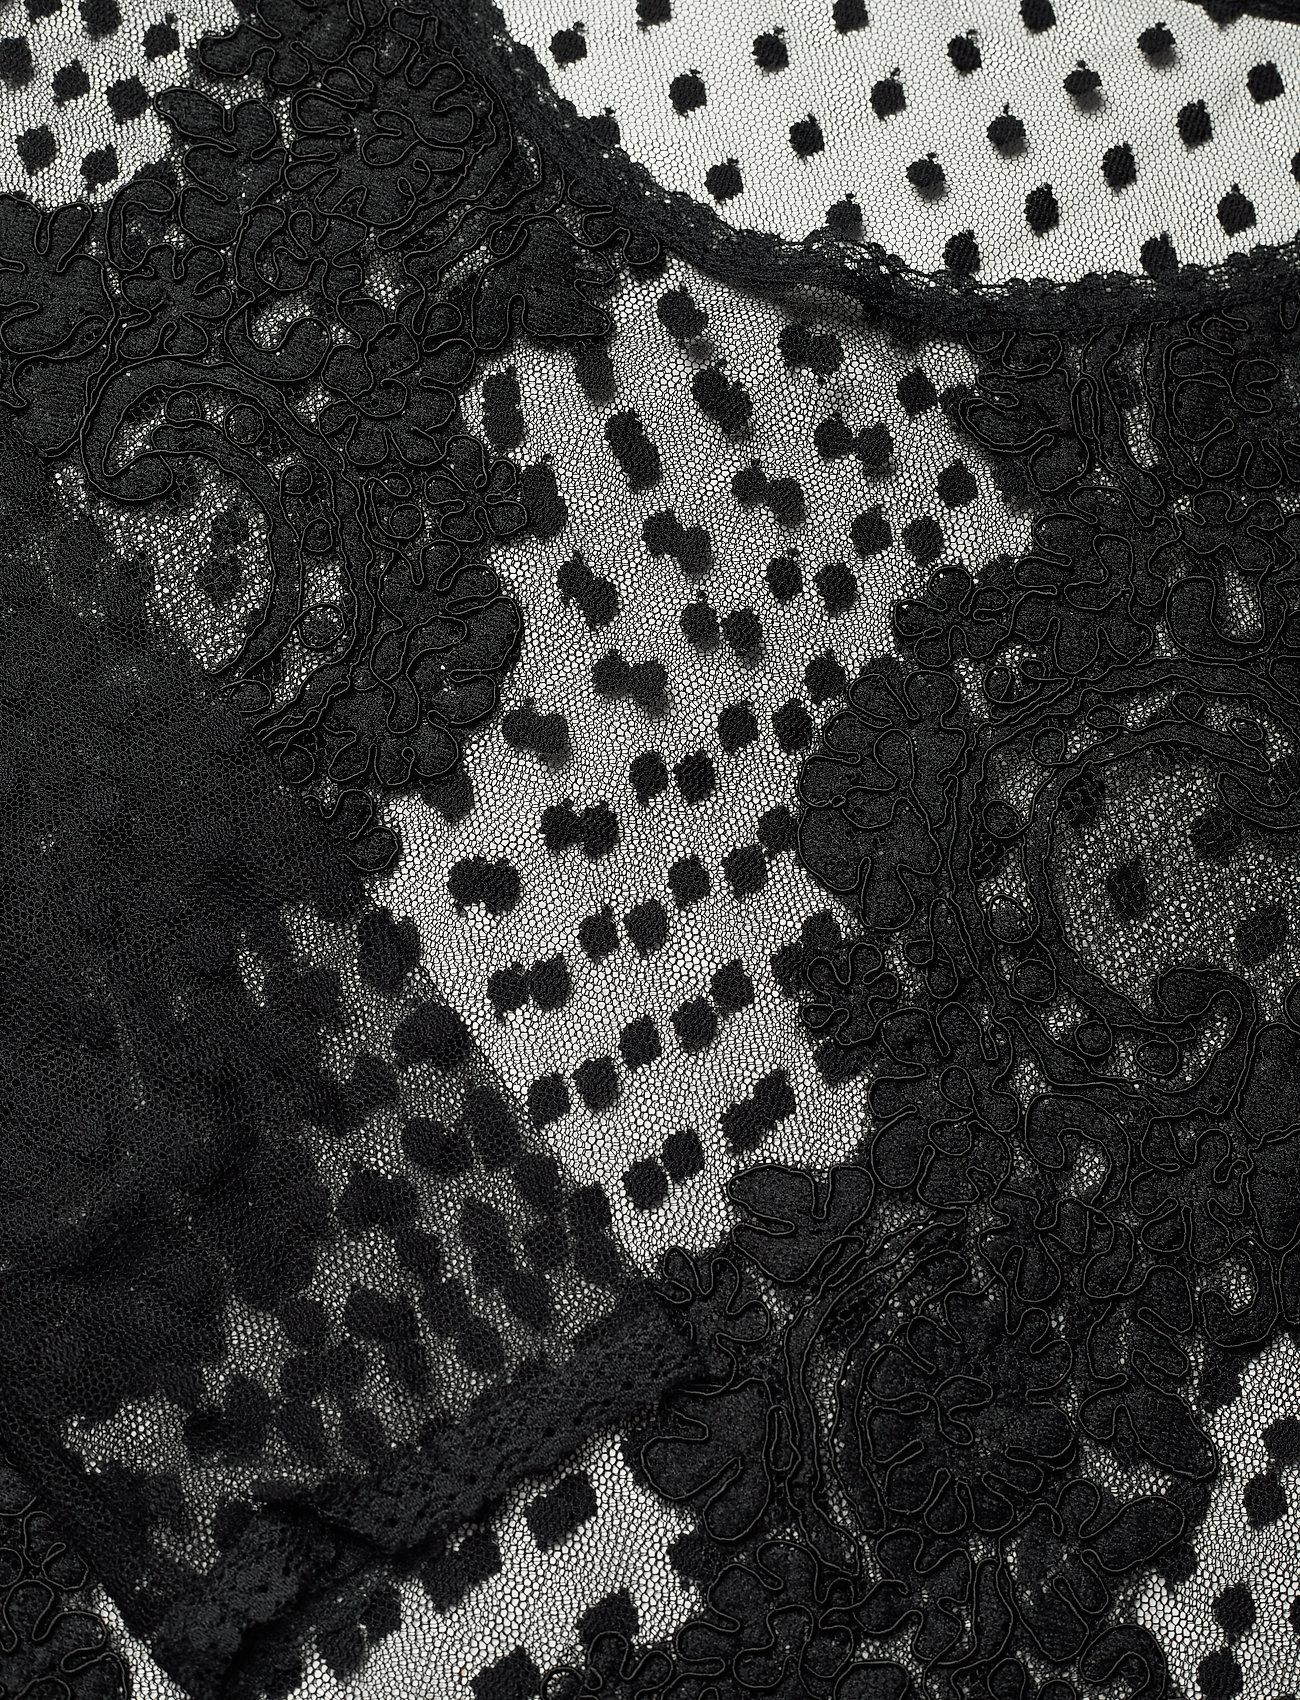 Covet Top (Black) (96.85 €) - Ida Sjöstedt pPg0z